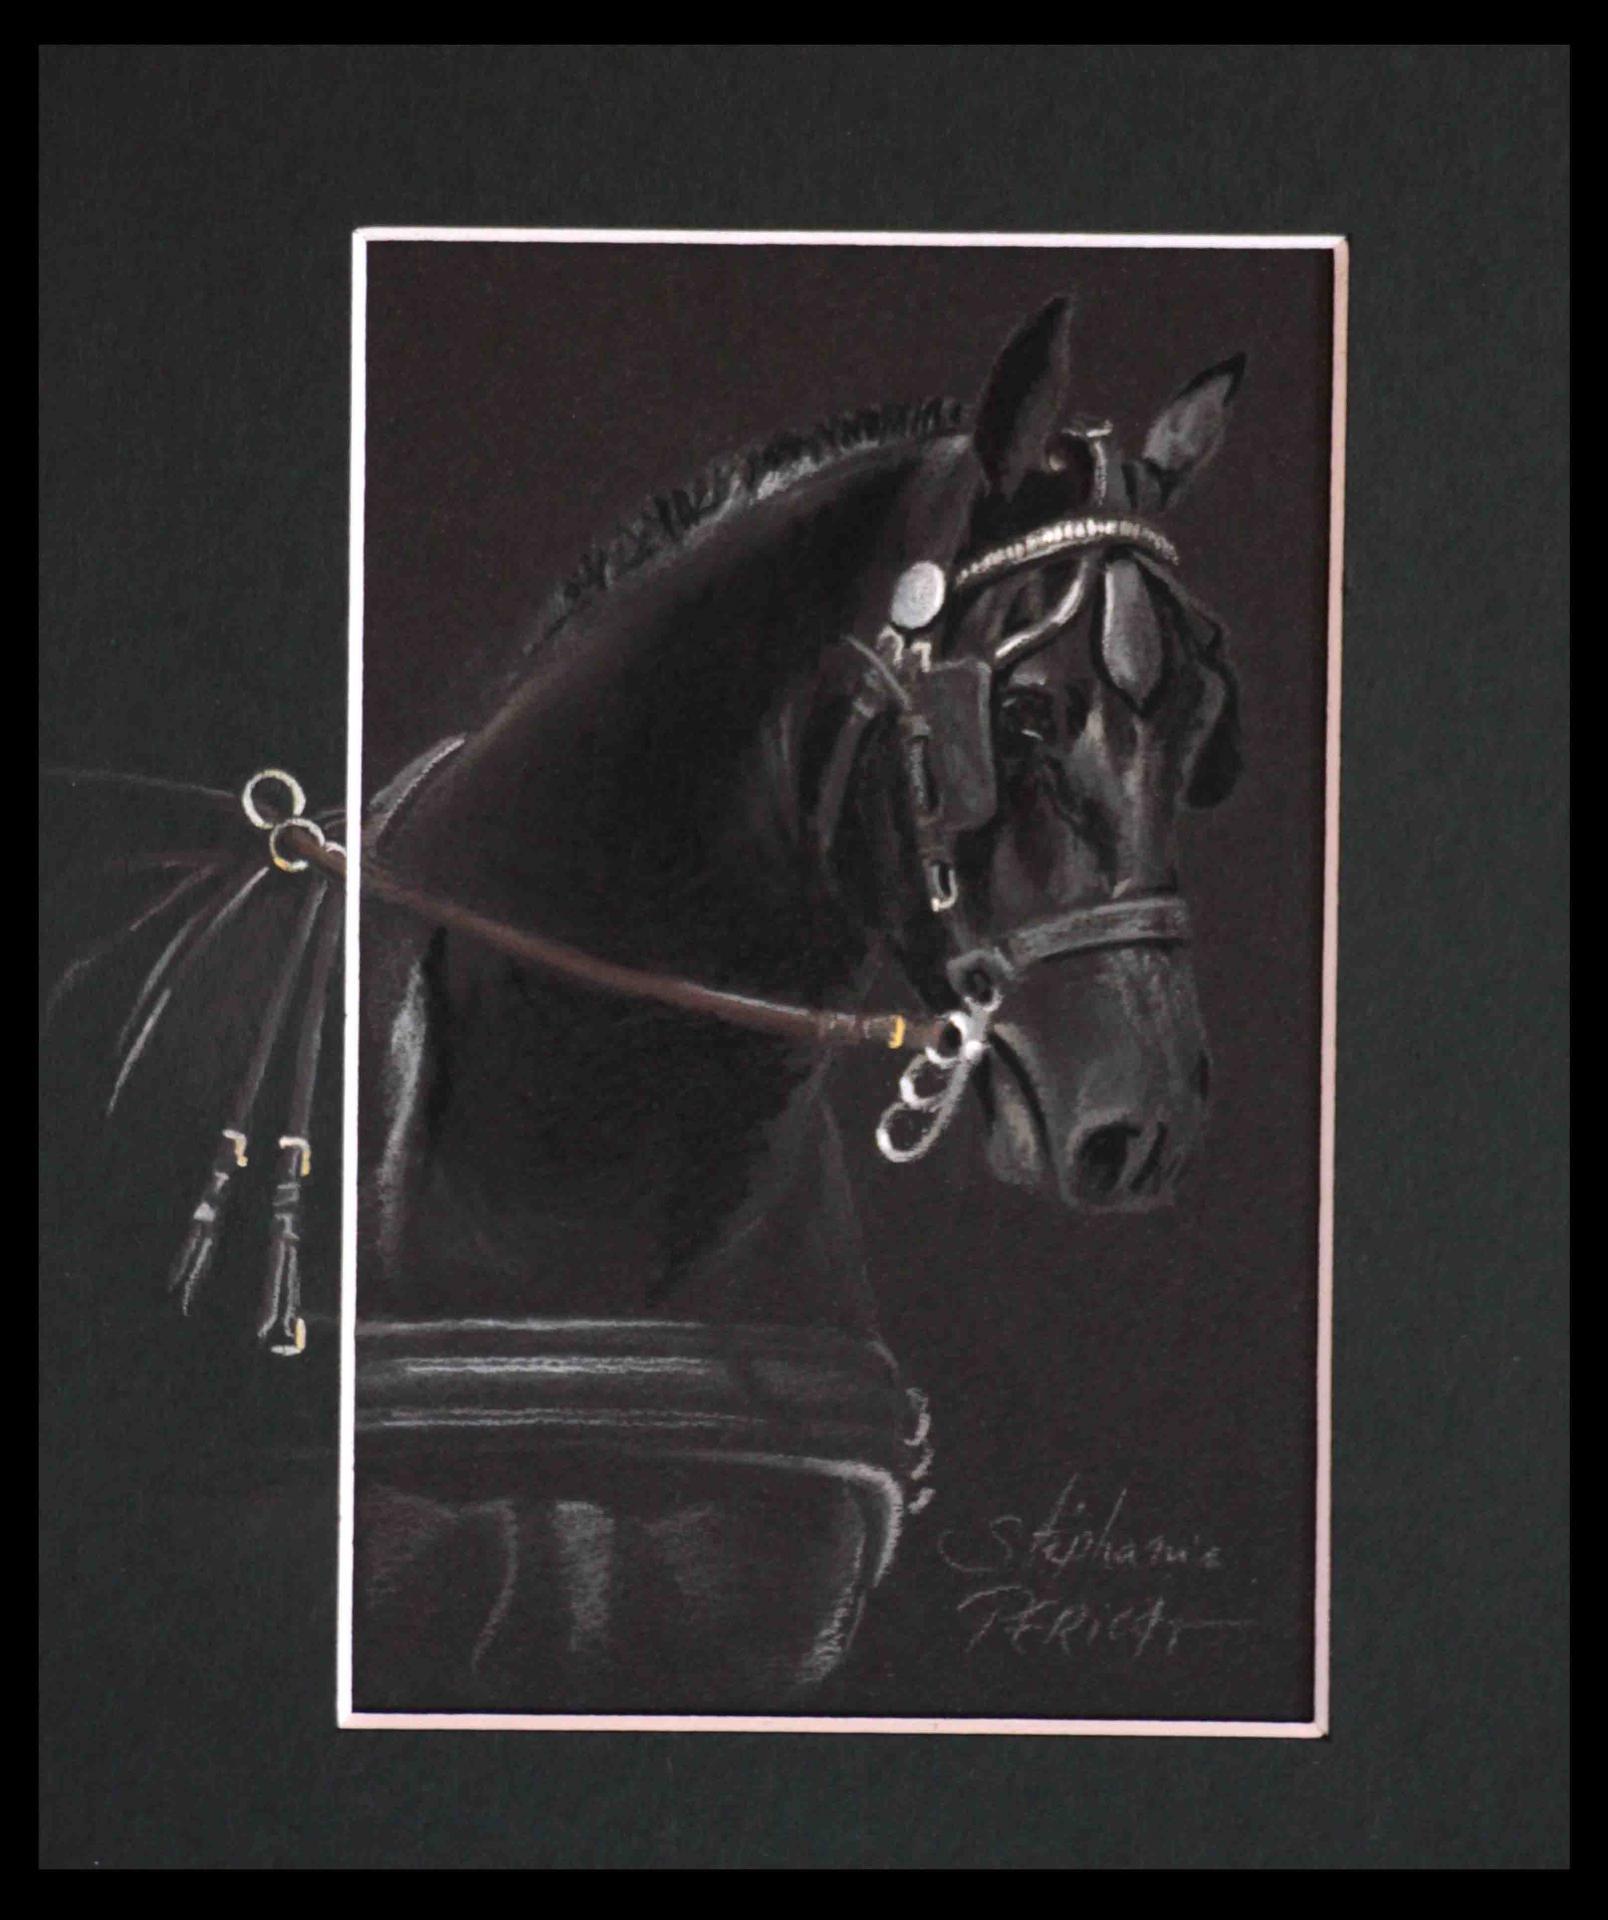 TETE NOIRE COB NORMAND ATTELE (black head norman cob) - pastel sec (soft pastel) - 18x24cm